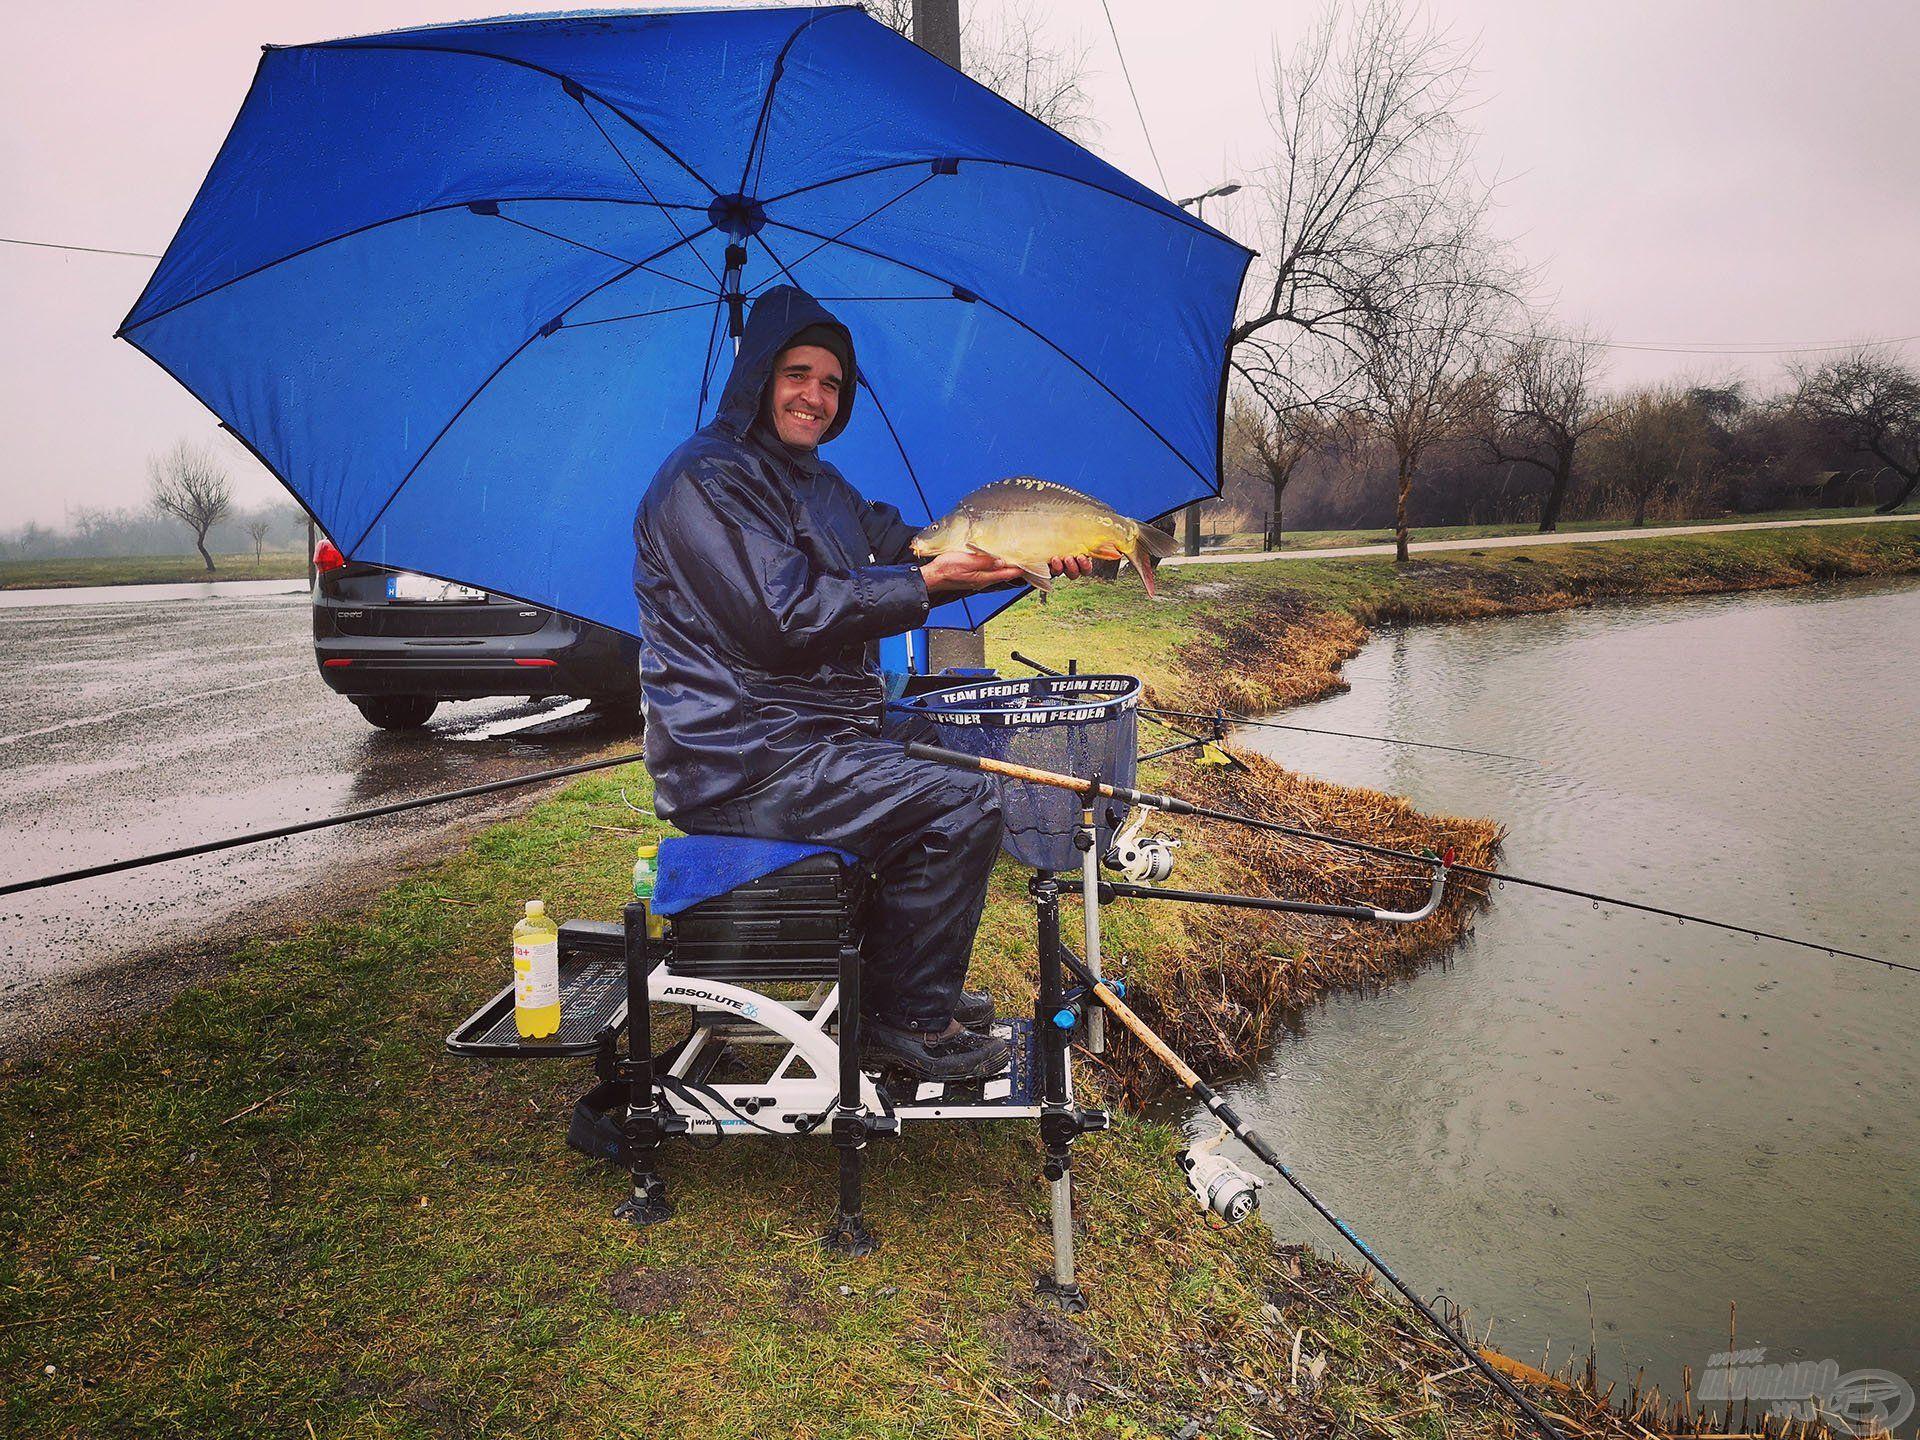 A Haldorádó Air Esőruhában akkor horgászunk, amikor jól esik!